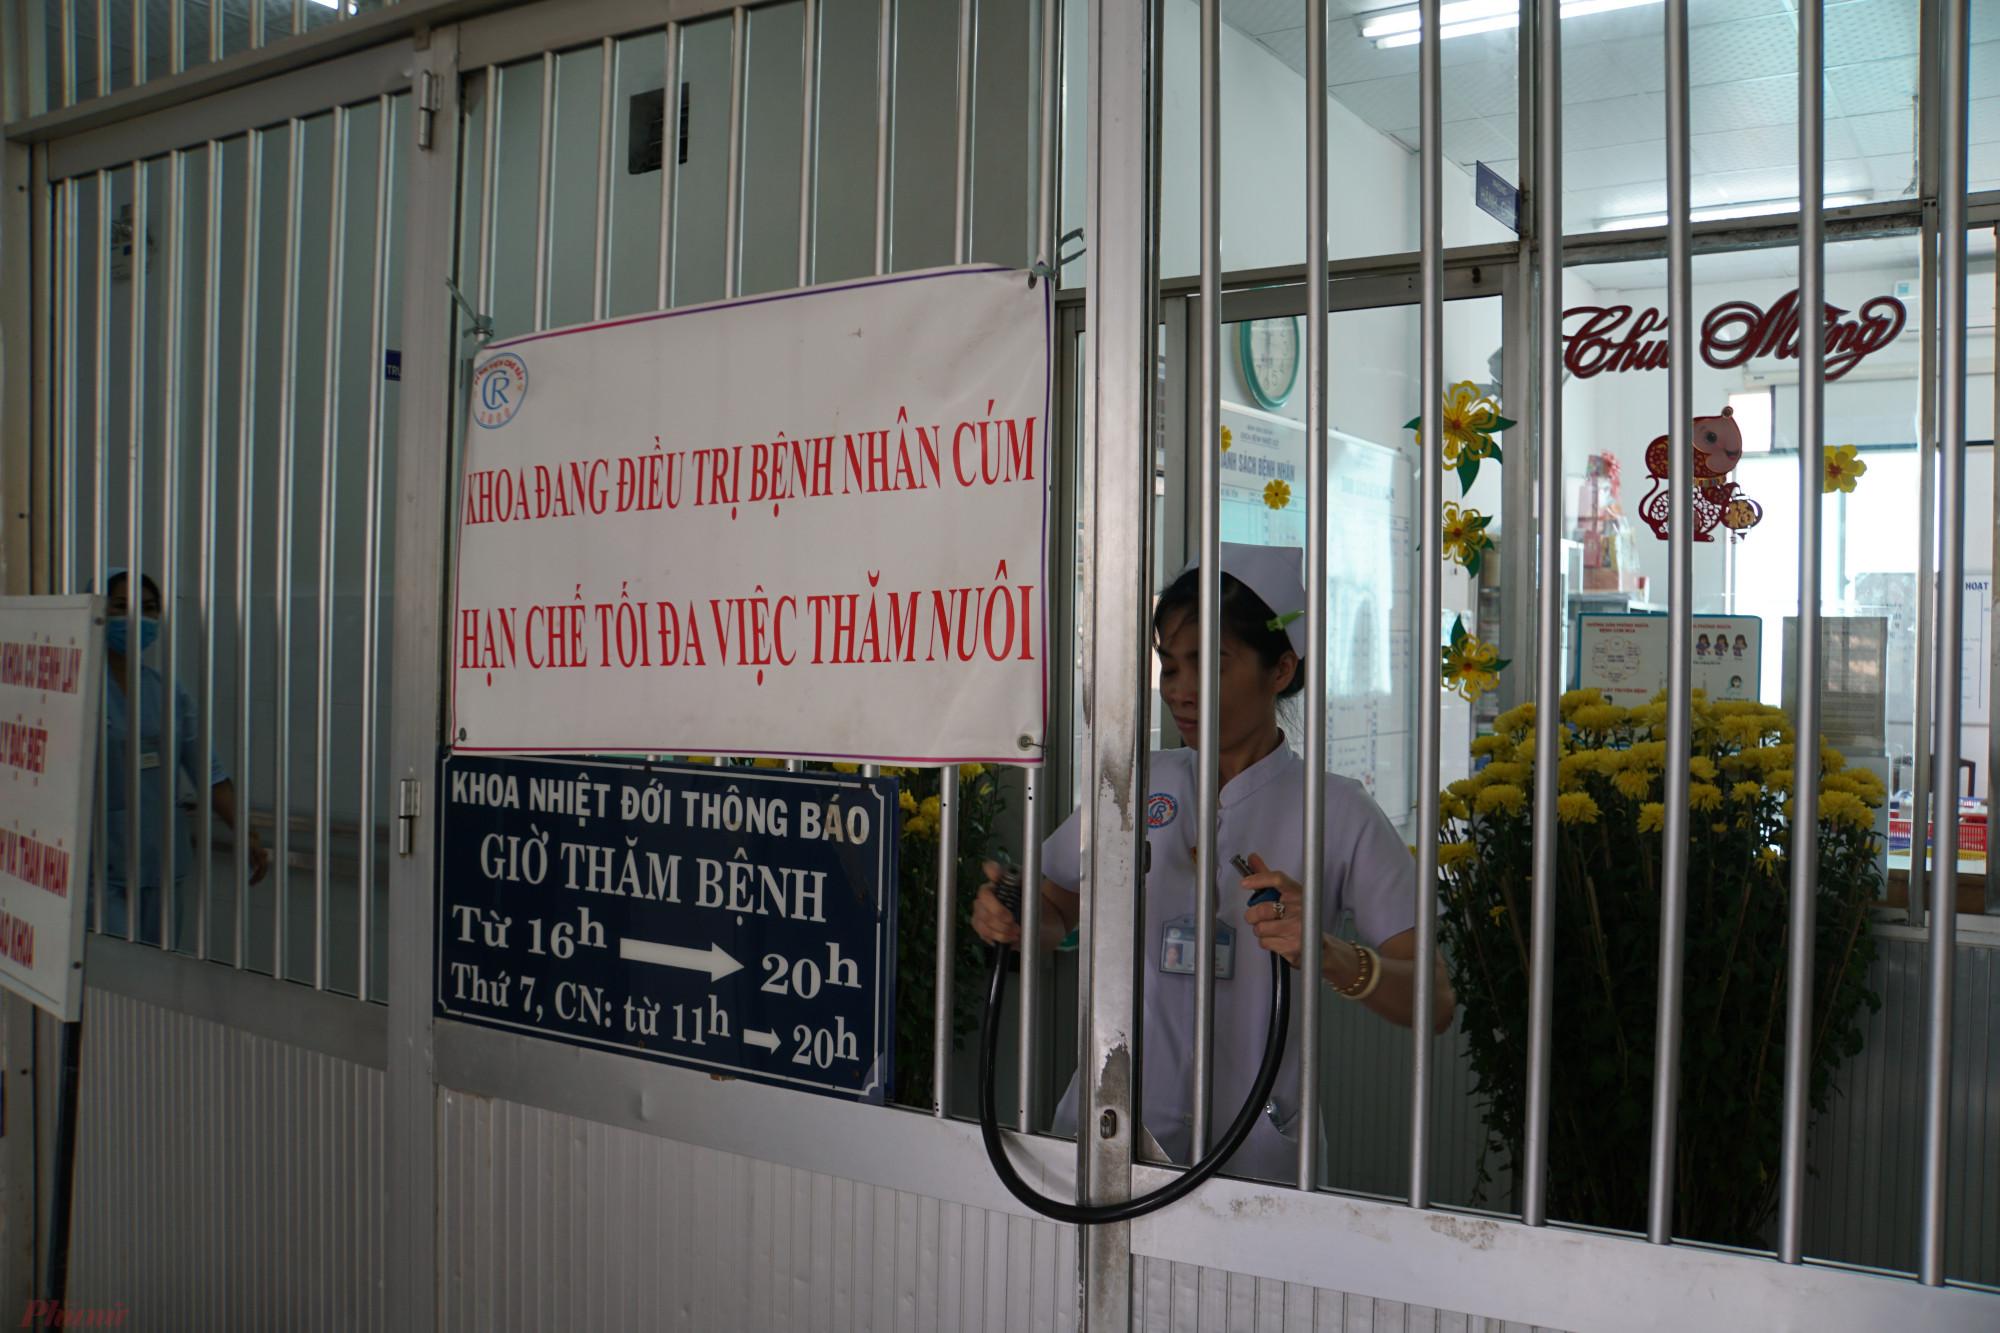 Tự nguyện đến bệnh viện, hợp tác điều trị, cách ly là trách nhiệm của mọi người trước dịch bệnh.